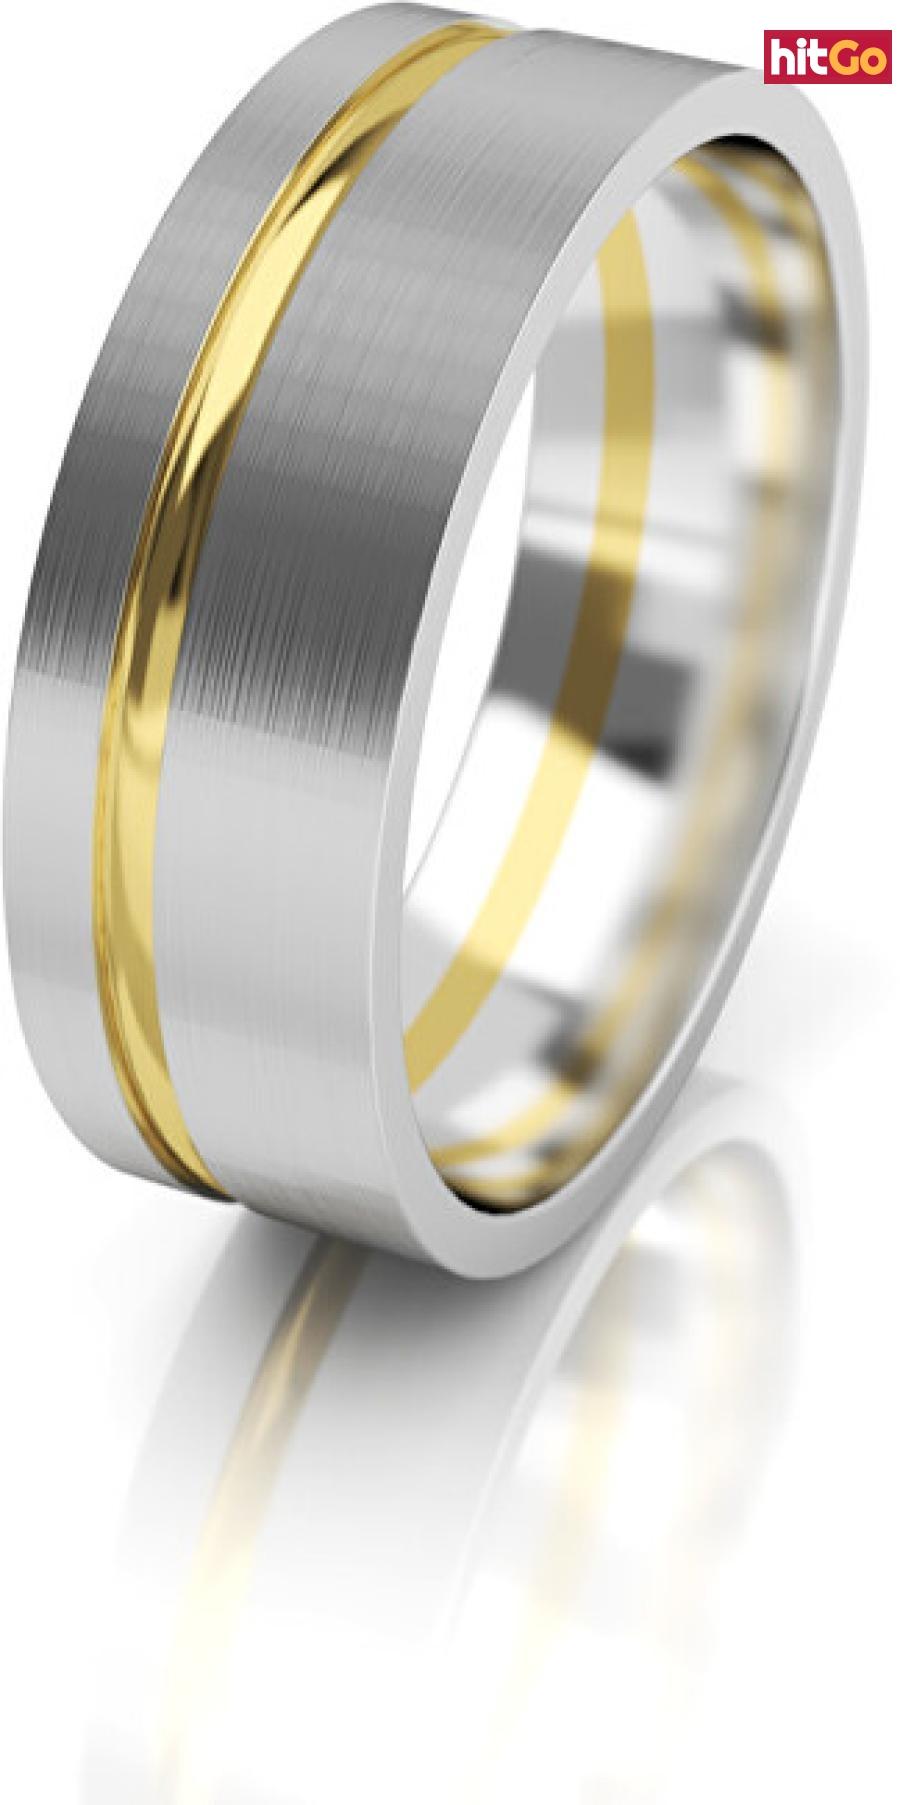 Art Diamond Dámský snubní prsten ze zlata AUG139 58 mm dámské